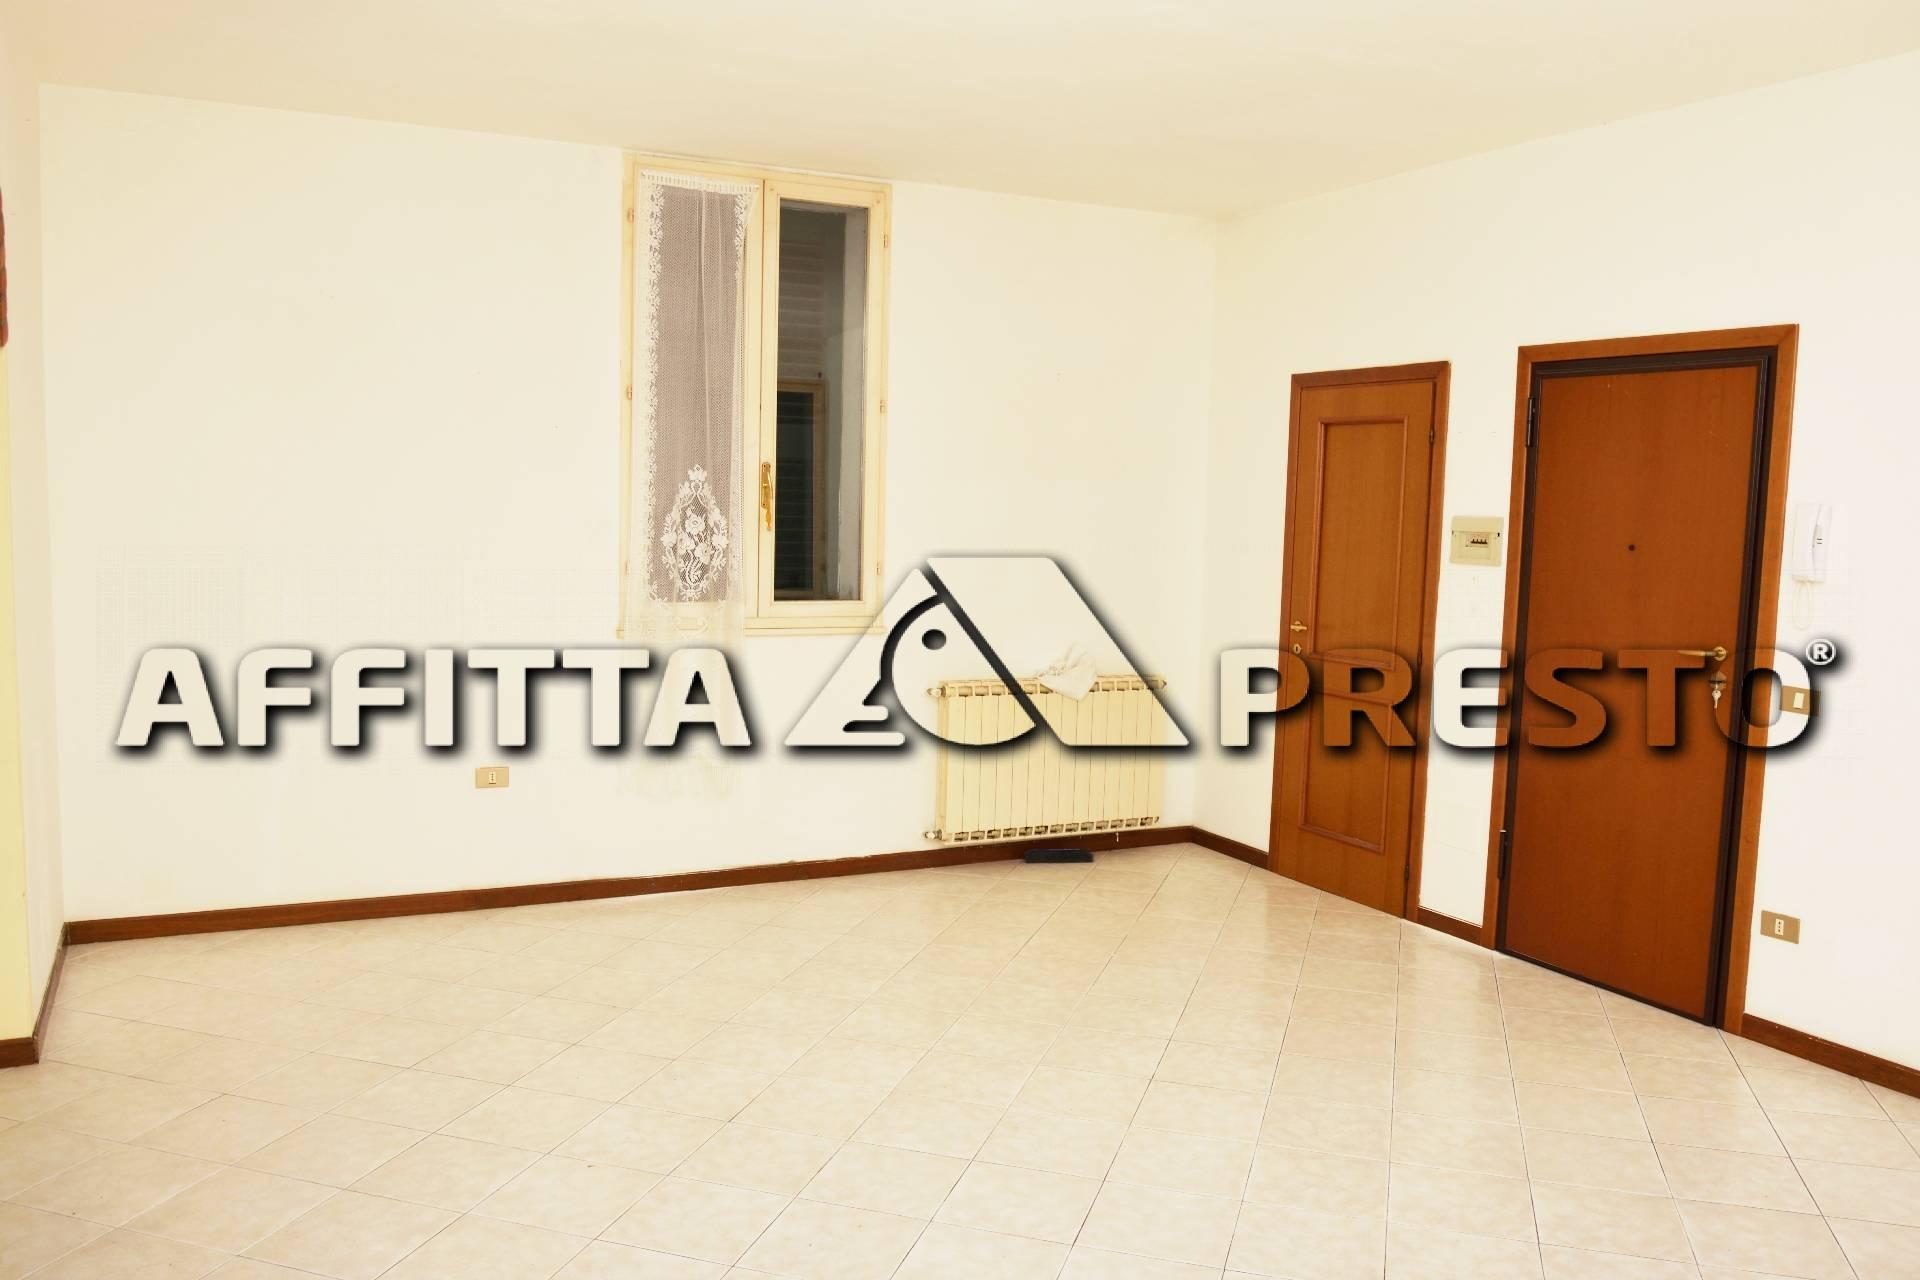 Appartamento in affitto a Ravenna, 3 locali, zona Località: Stazione, prezzo € 550 | CambioCasa.it